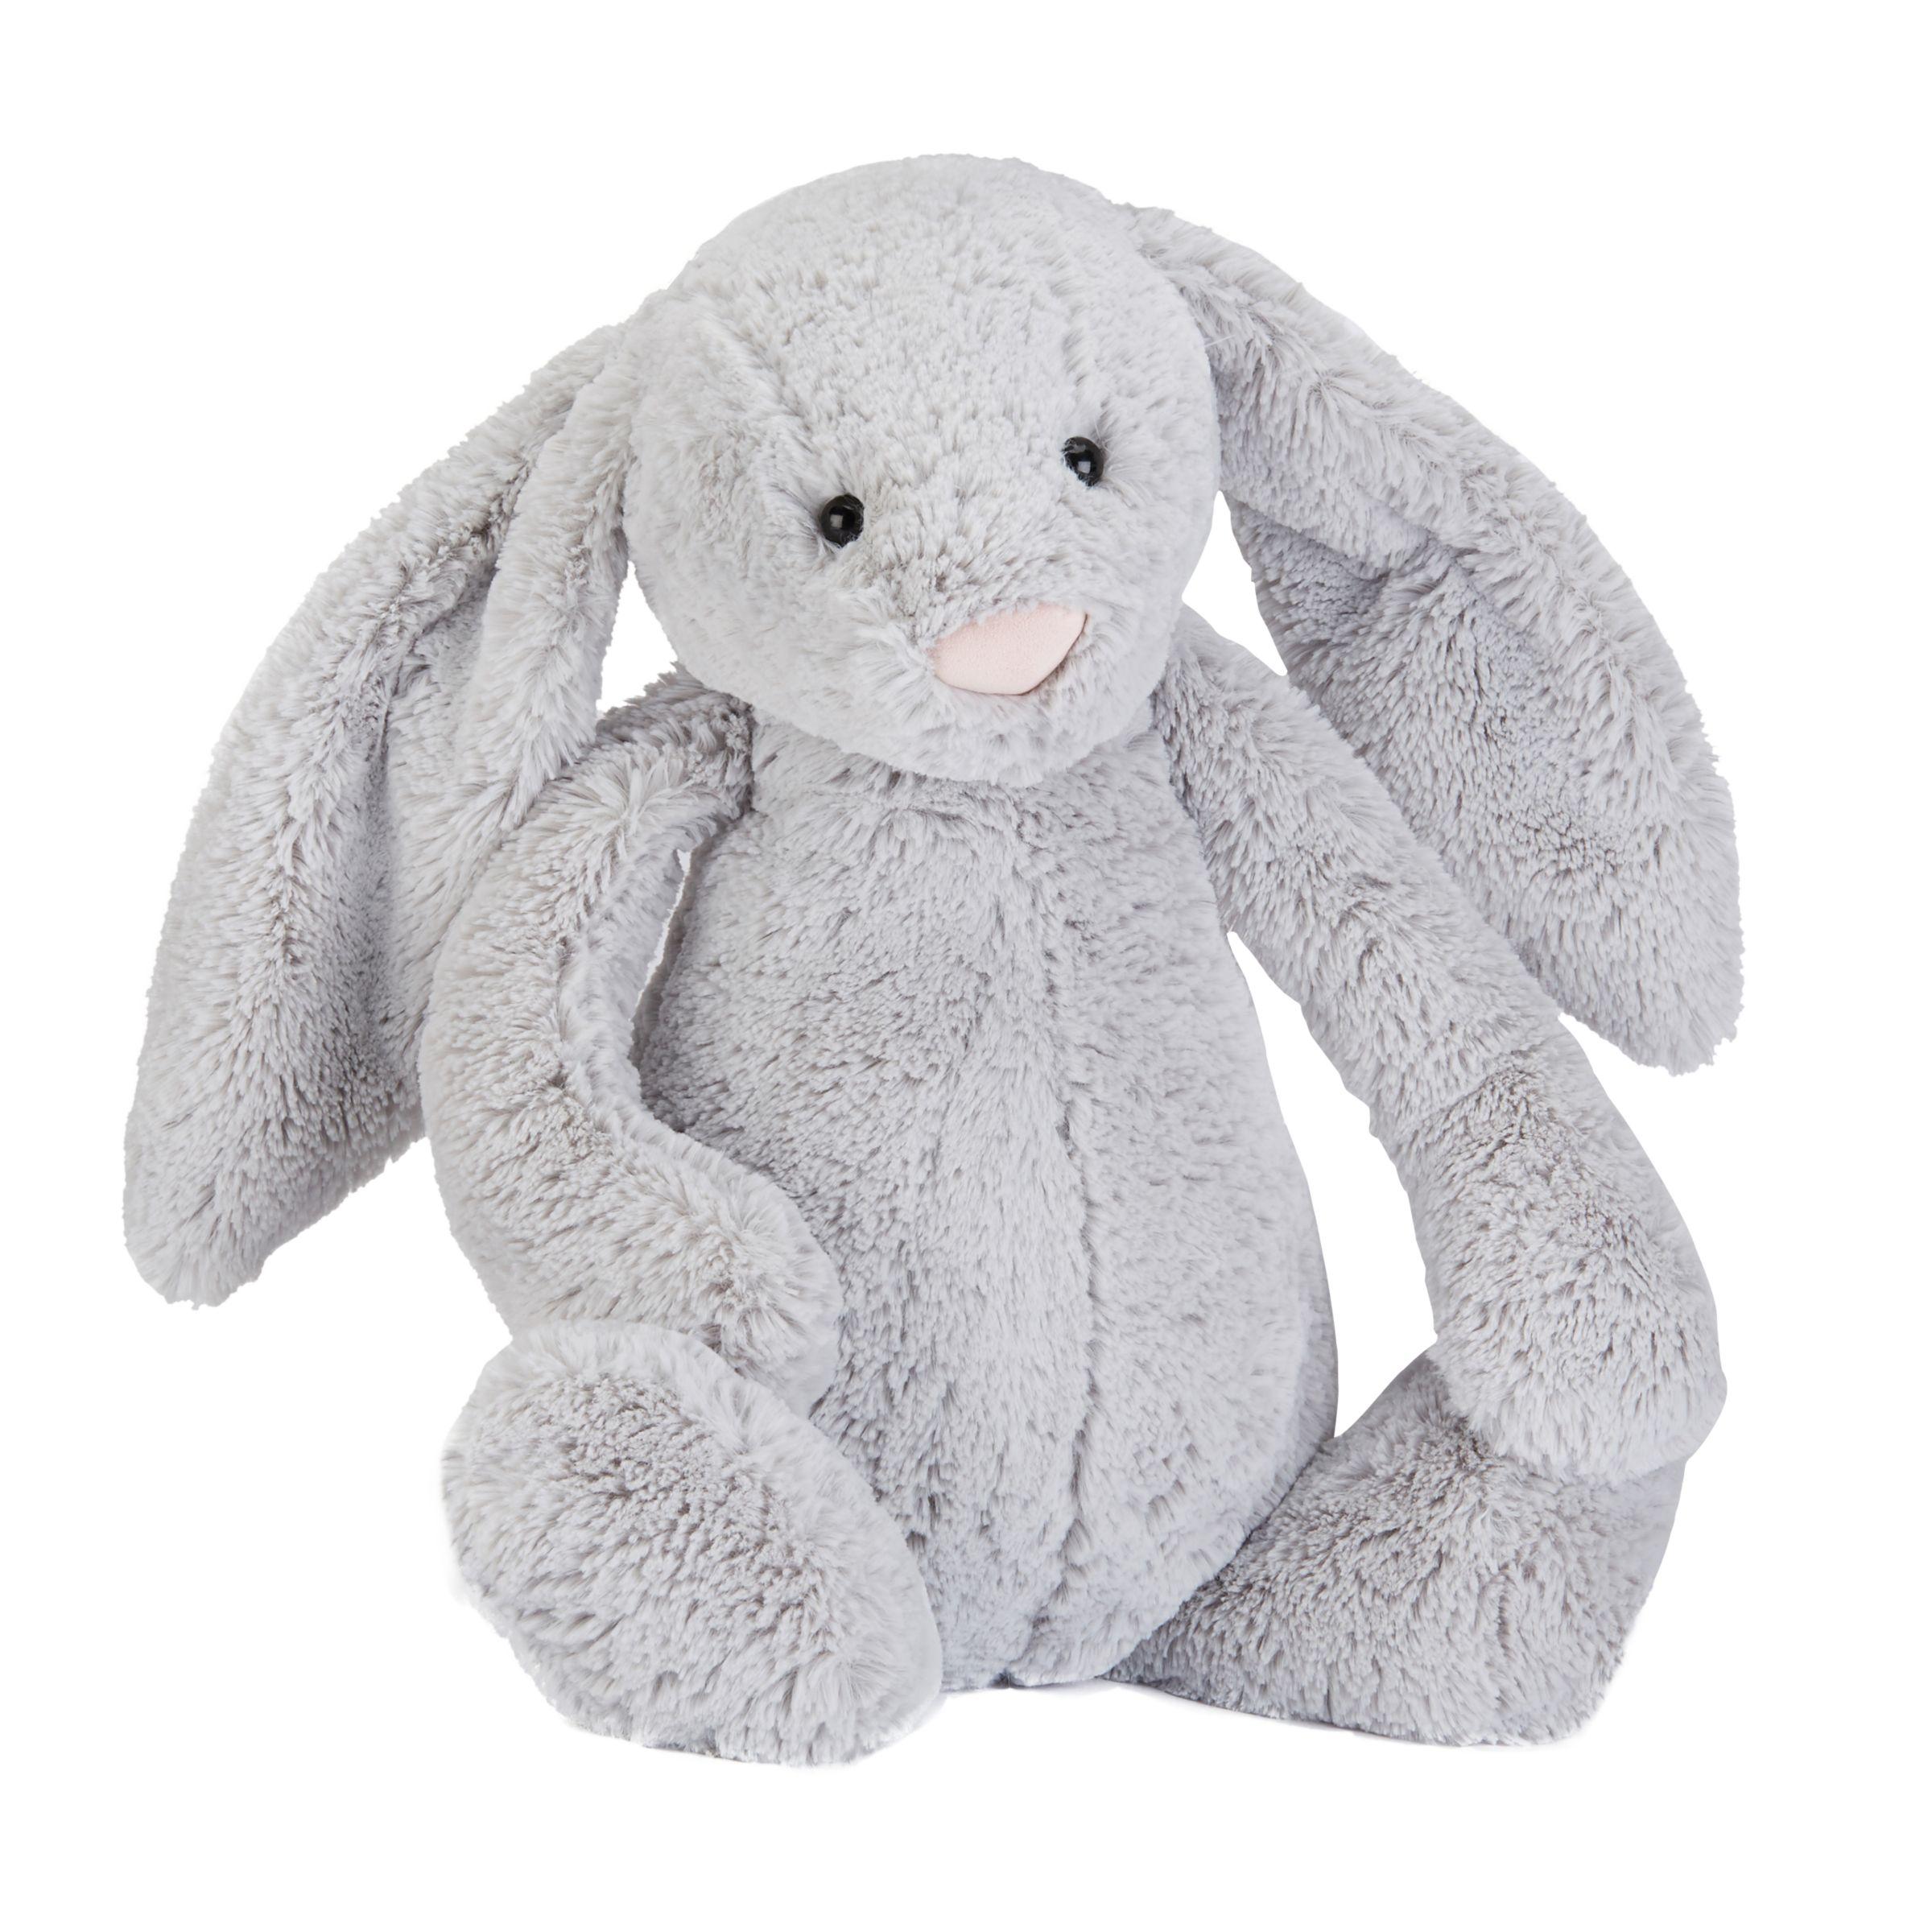 Jellycat Jellycat Bashful Silver Bunny Soft Toy, X-Large